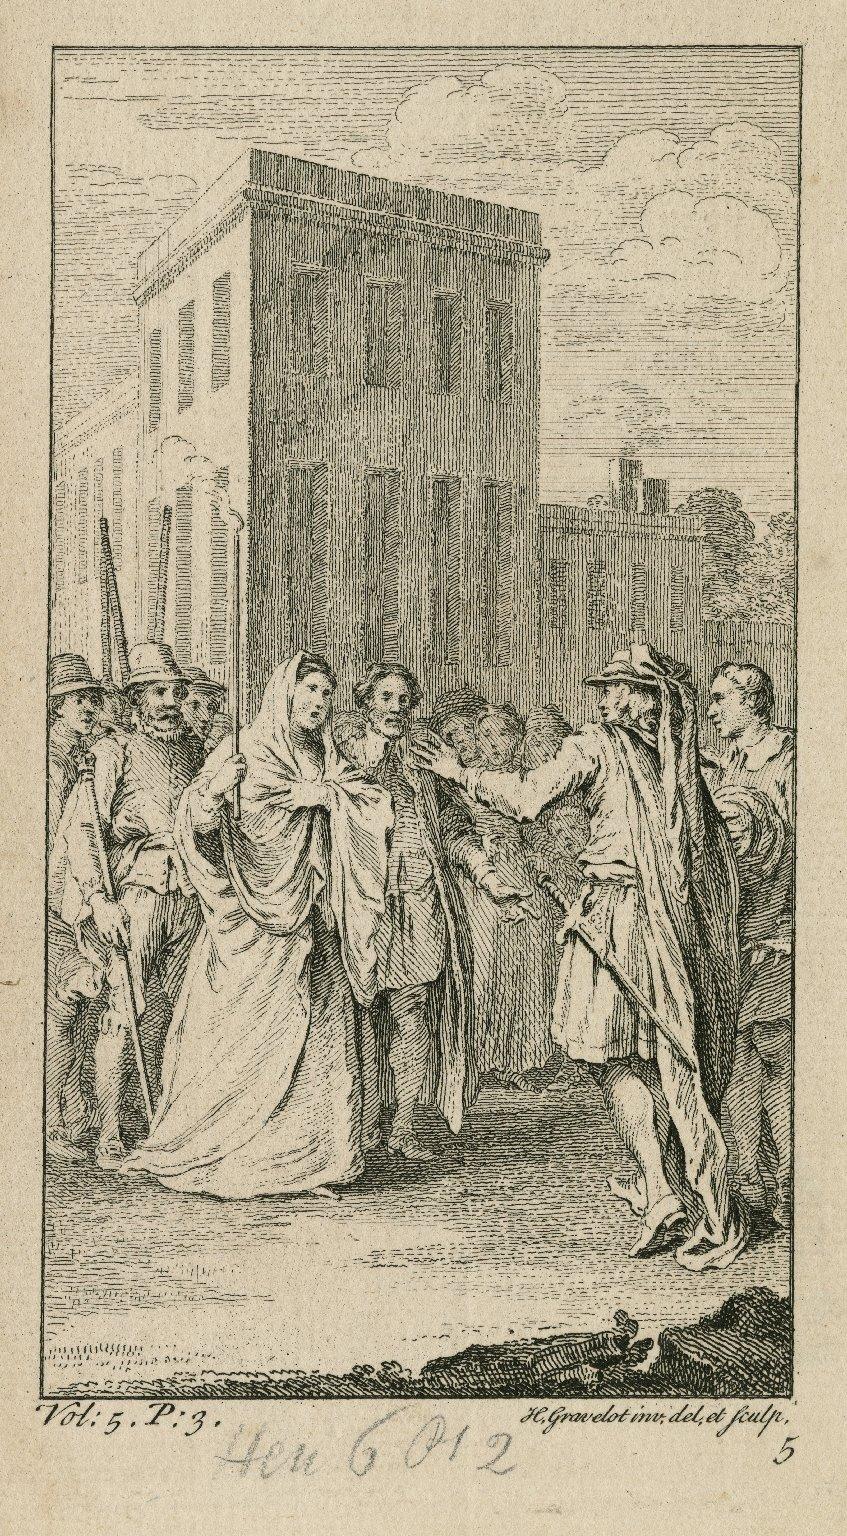 [King Henry VI, pt. 2, act II, scene 4] [graphic] / H. Gravelot inv, del, et sculp.